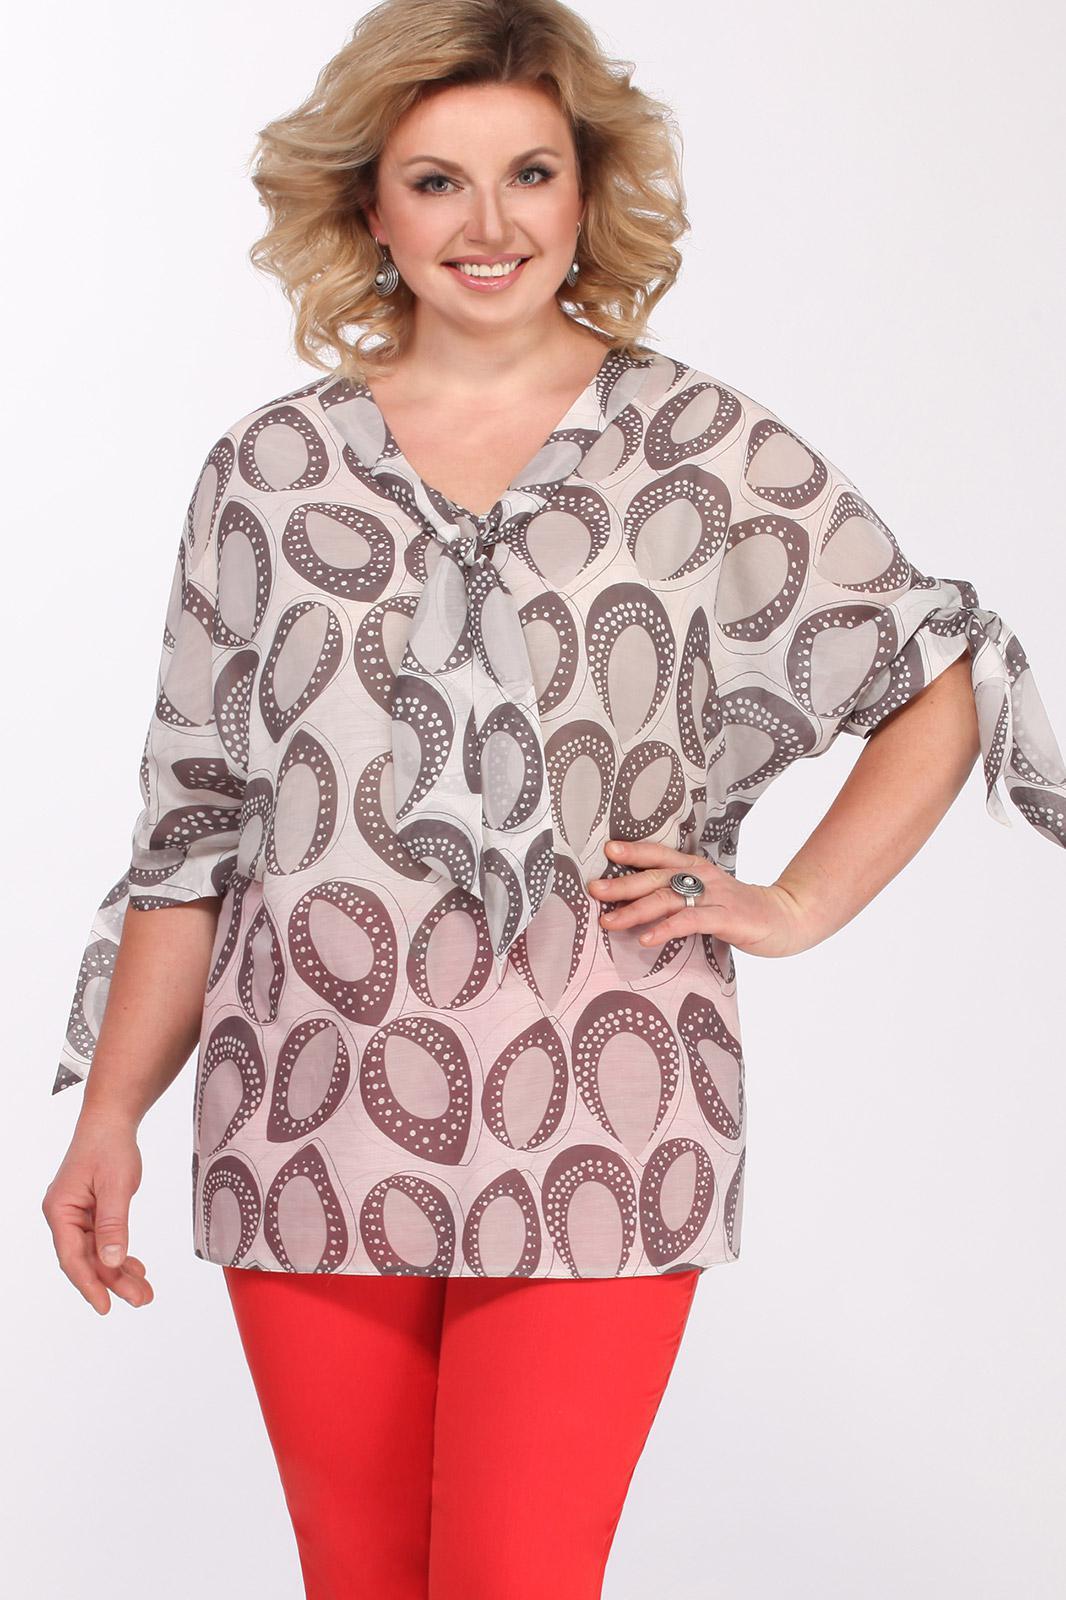 70e9f9b2f4d Купить блузку большого размера в Минске. Блузки для полных женщин